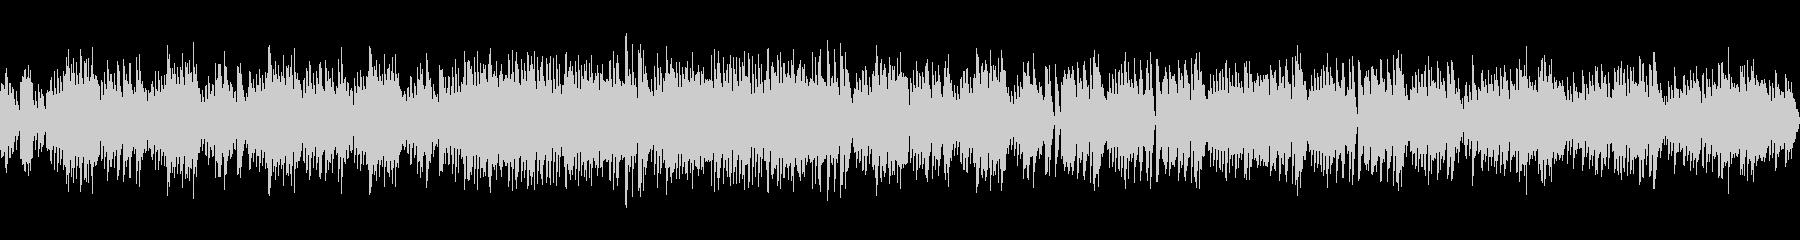 ウィーピング・ウィロー_オルゴールverの未再生の波形